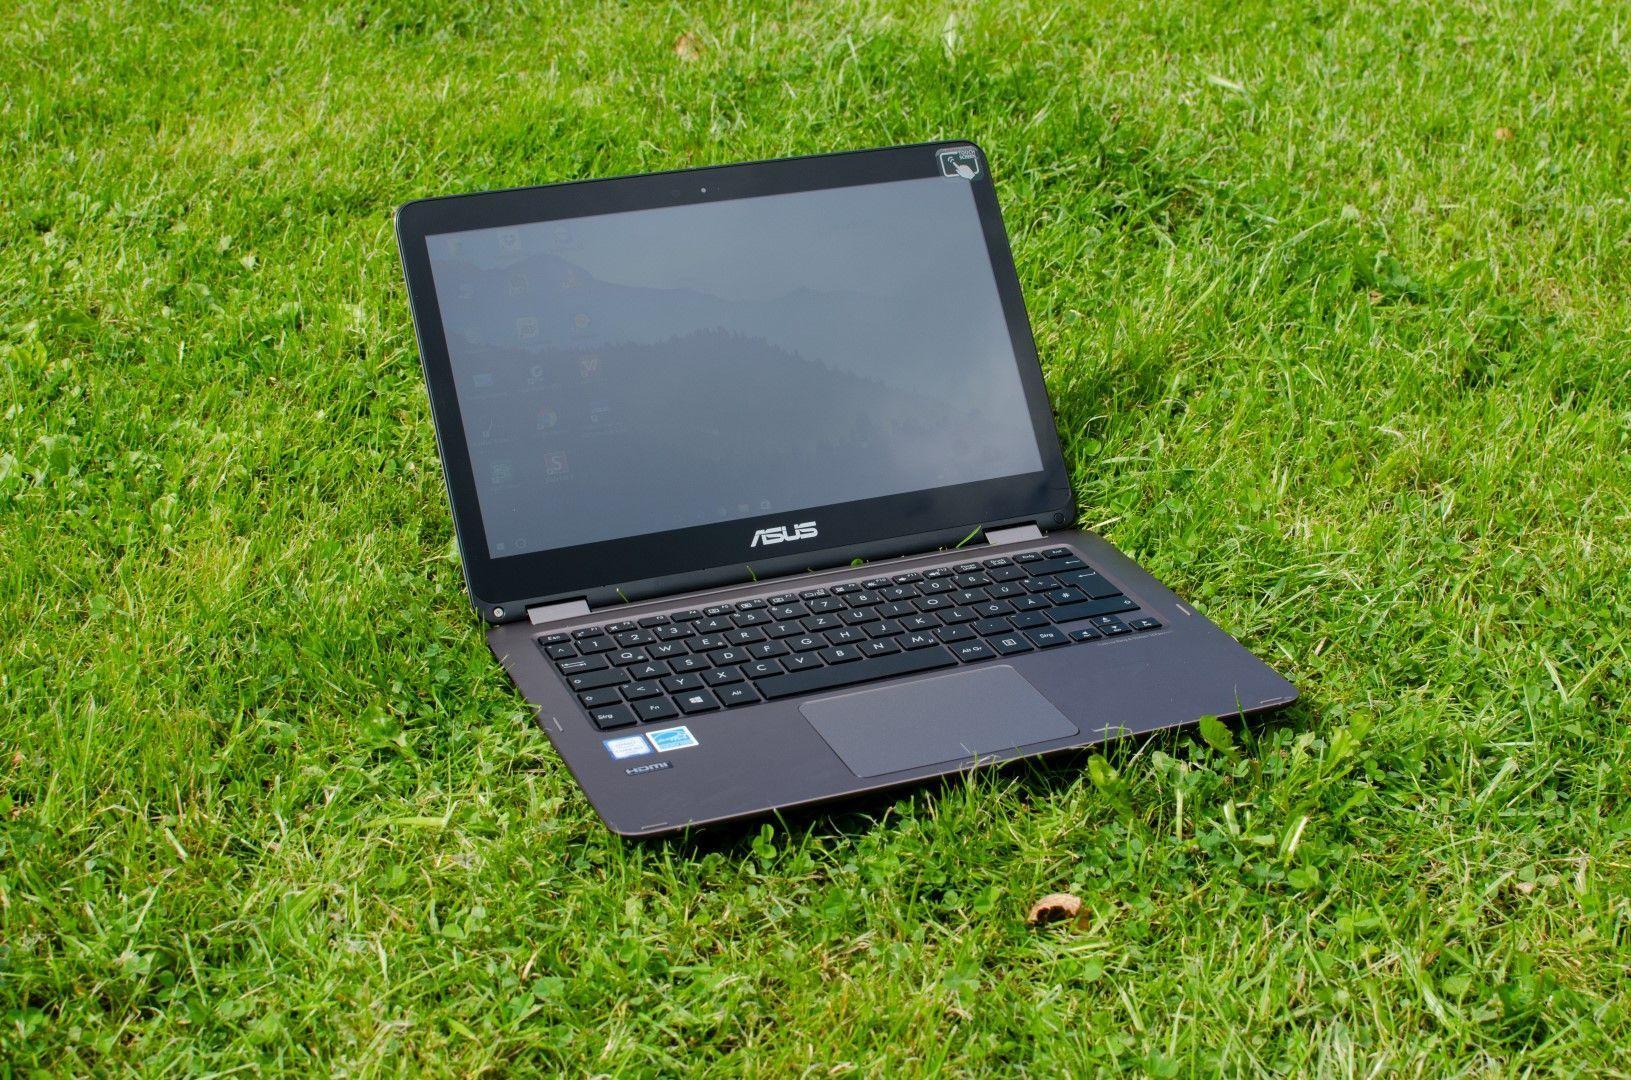 20160812-Asus-Zenbook-Flip-UX360CA-Laptop-1